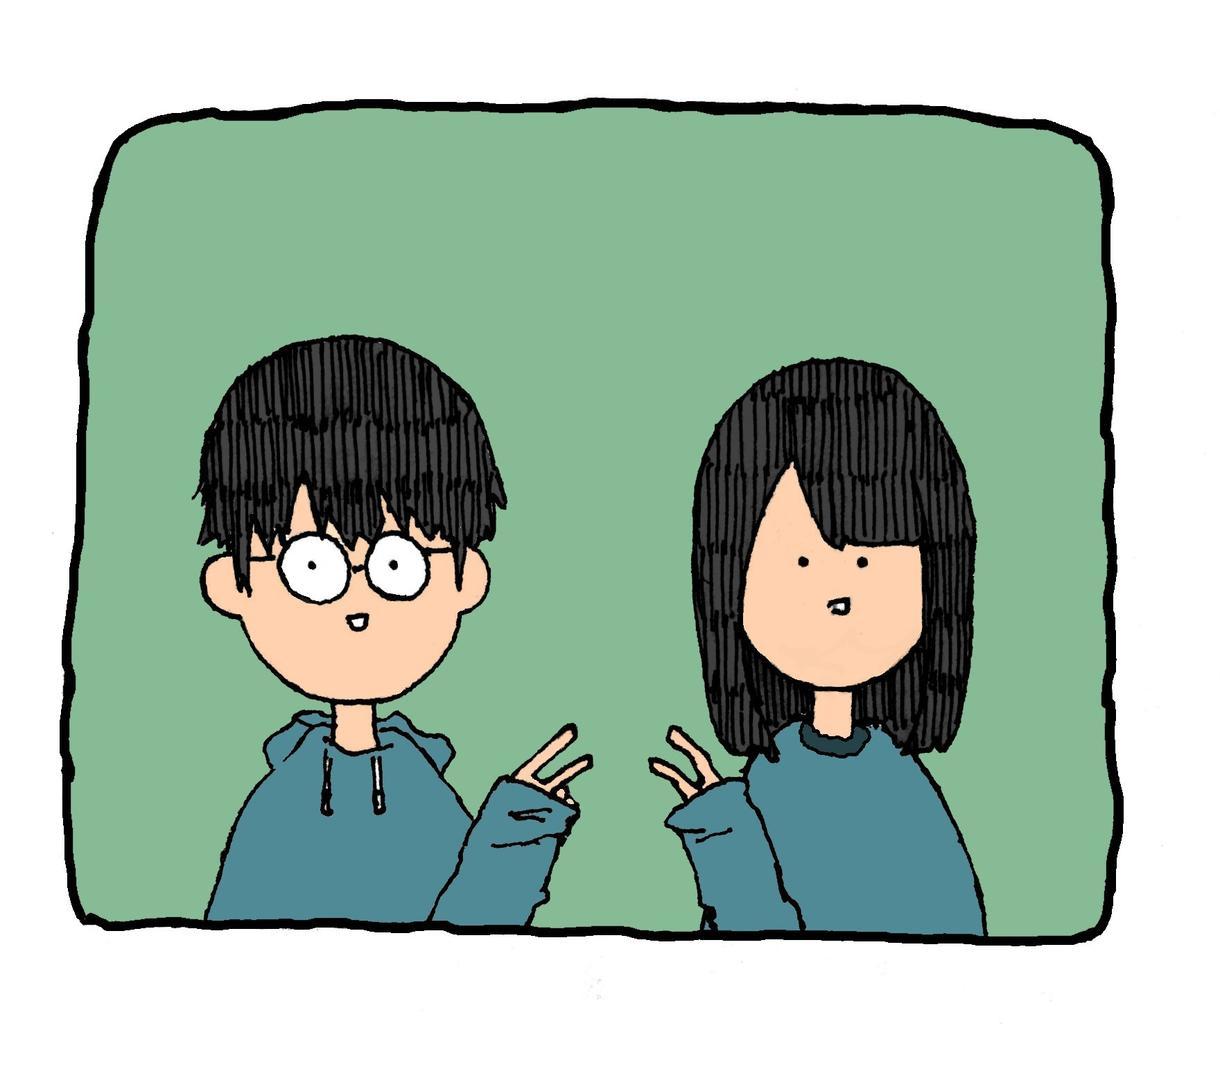 イラスト制作や漫画制作まで何でも受け付けます あなただけのイラストや漫画を制作します。